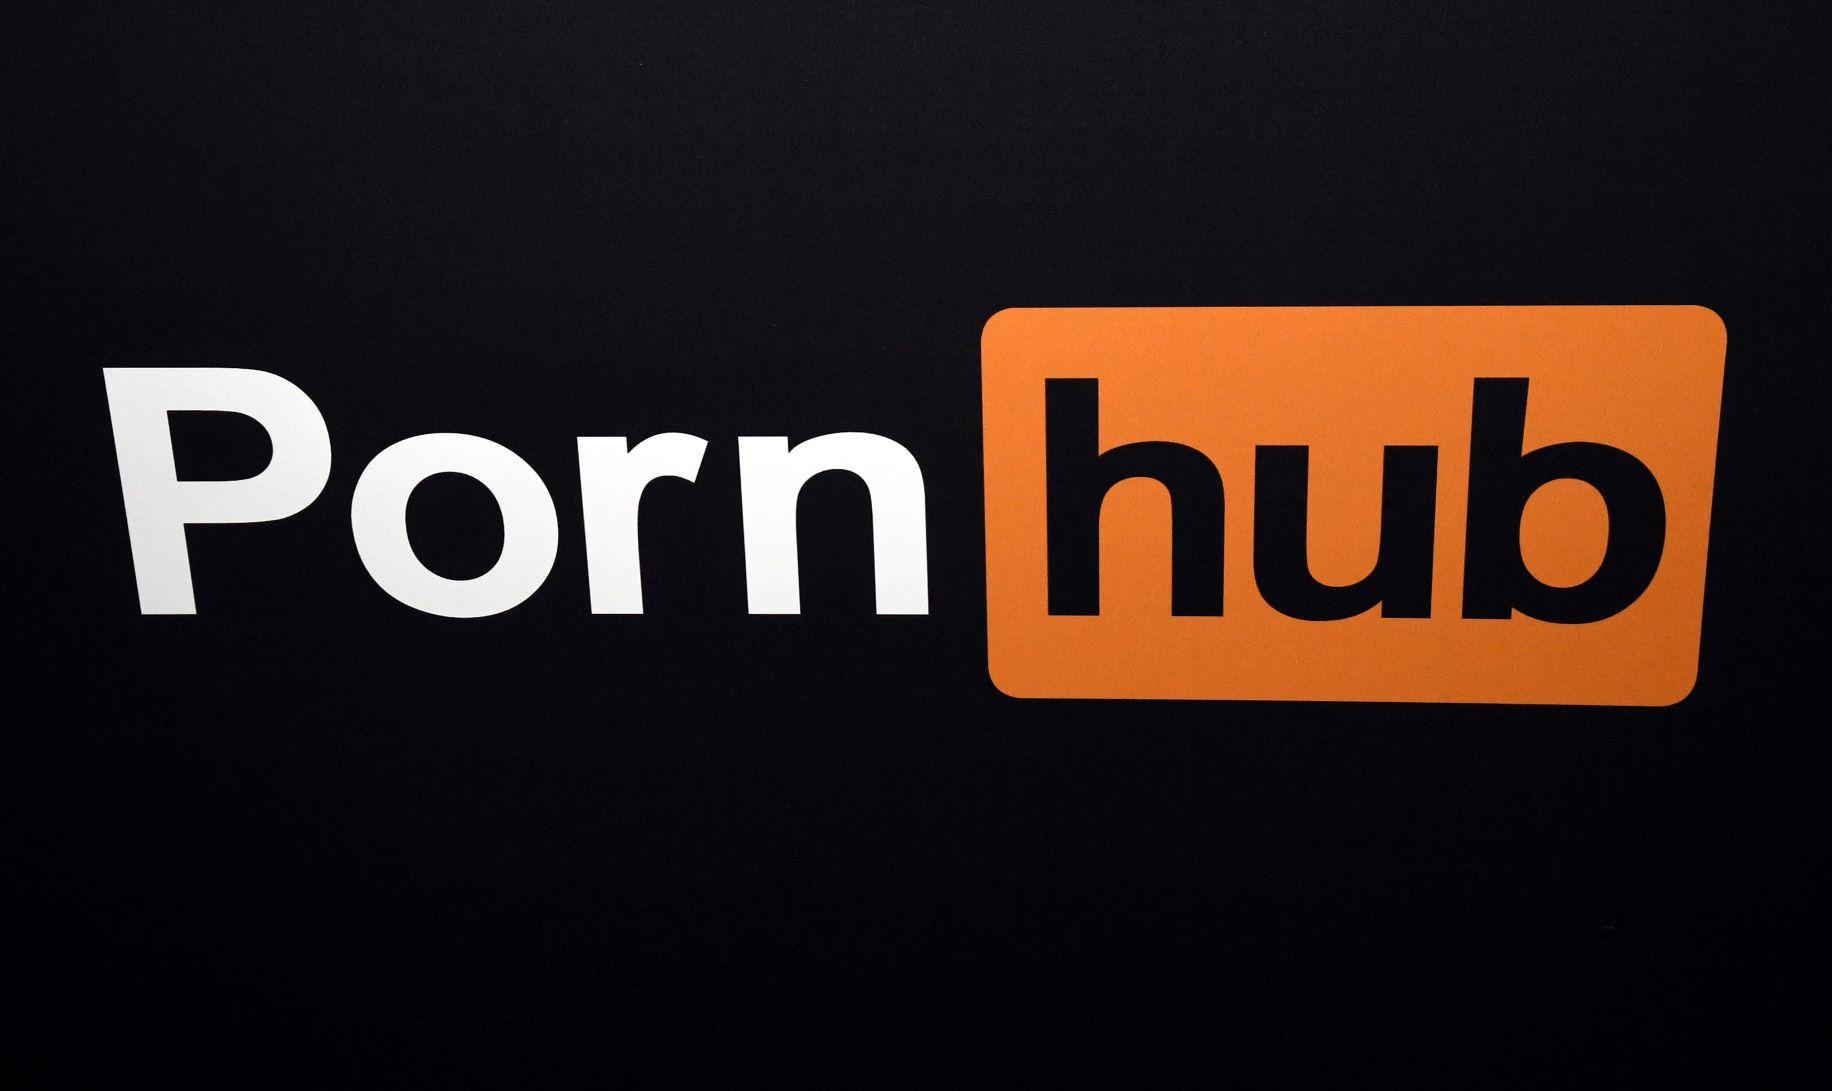 Pornhub quiere comprar Tumblr y llenarlo (nuevamente) de contenido sexual